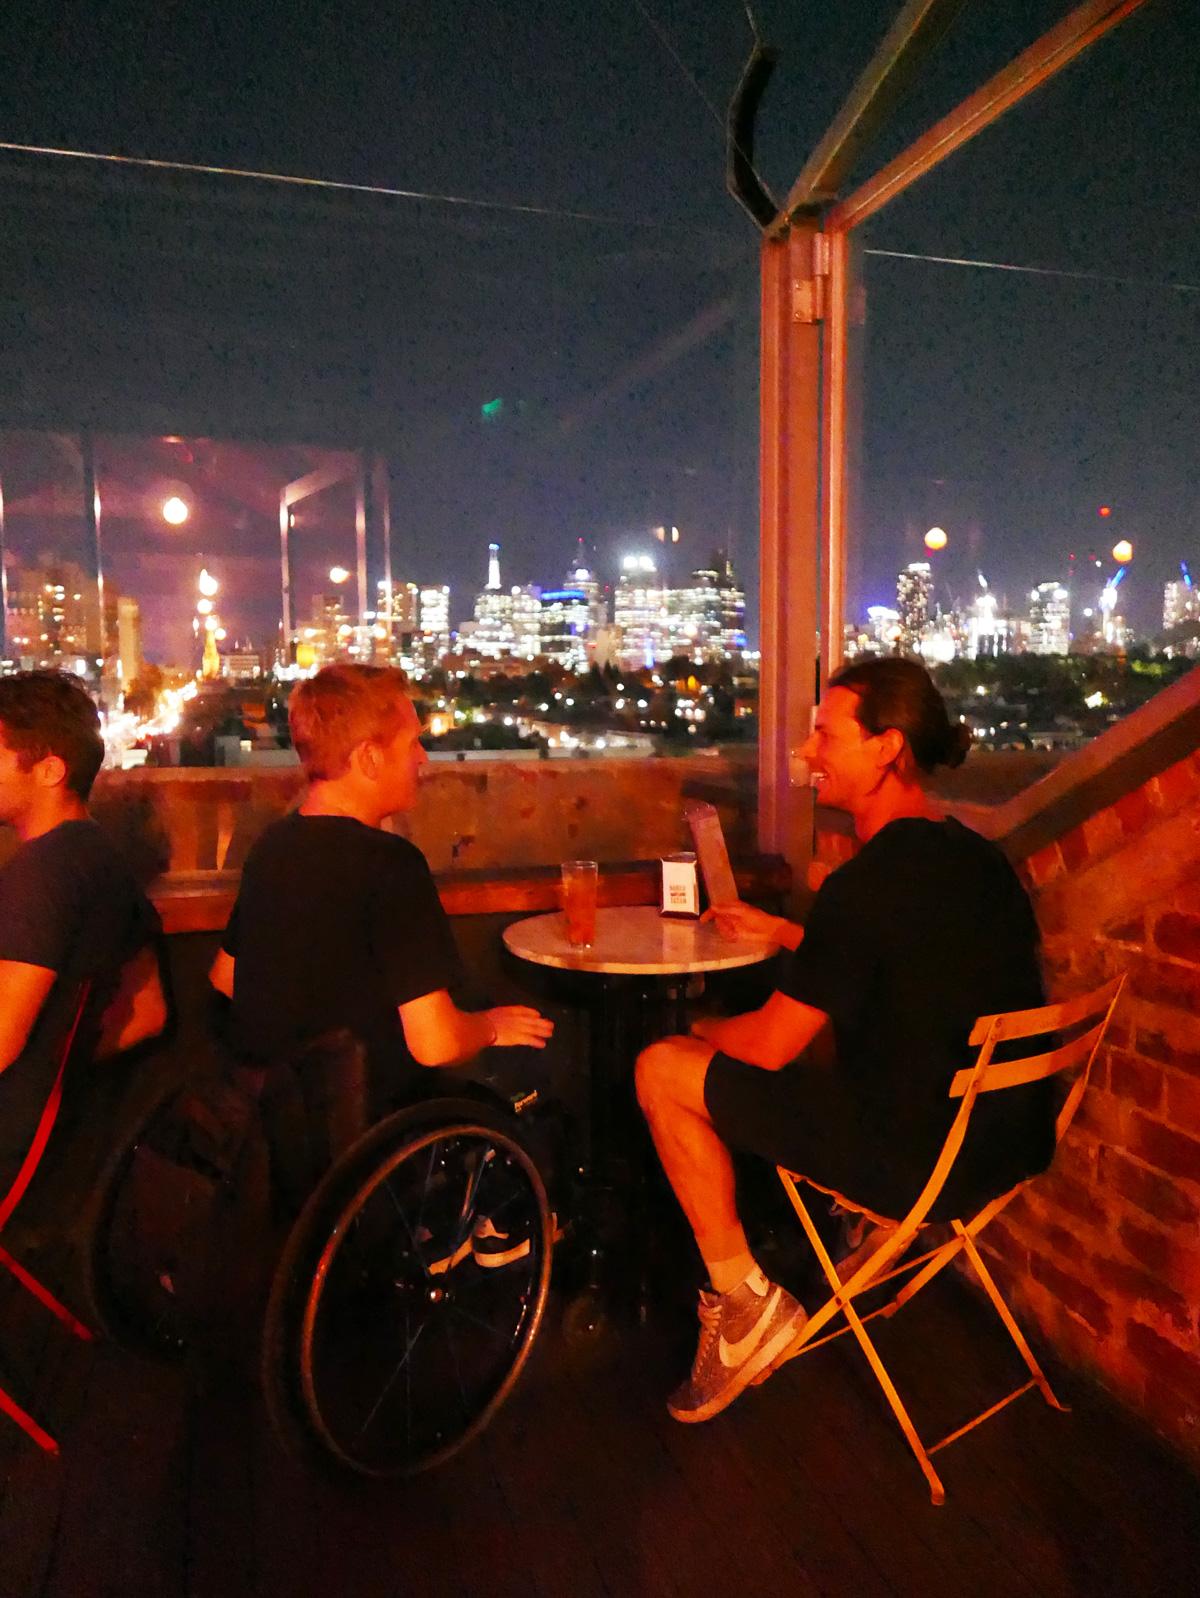 NITS-chair-city.jpg